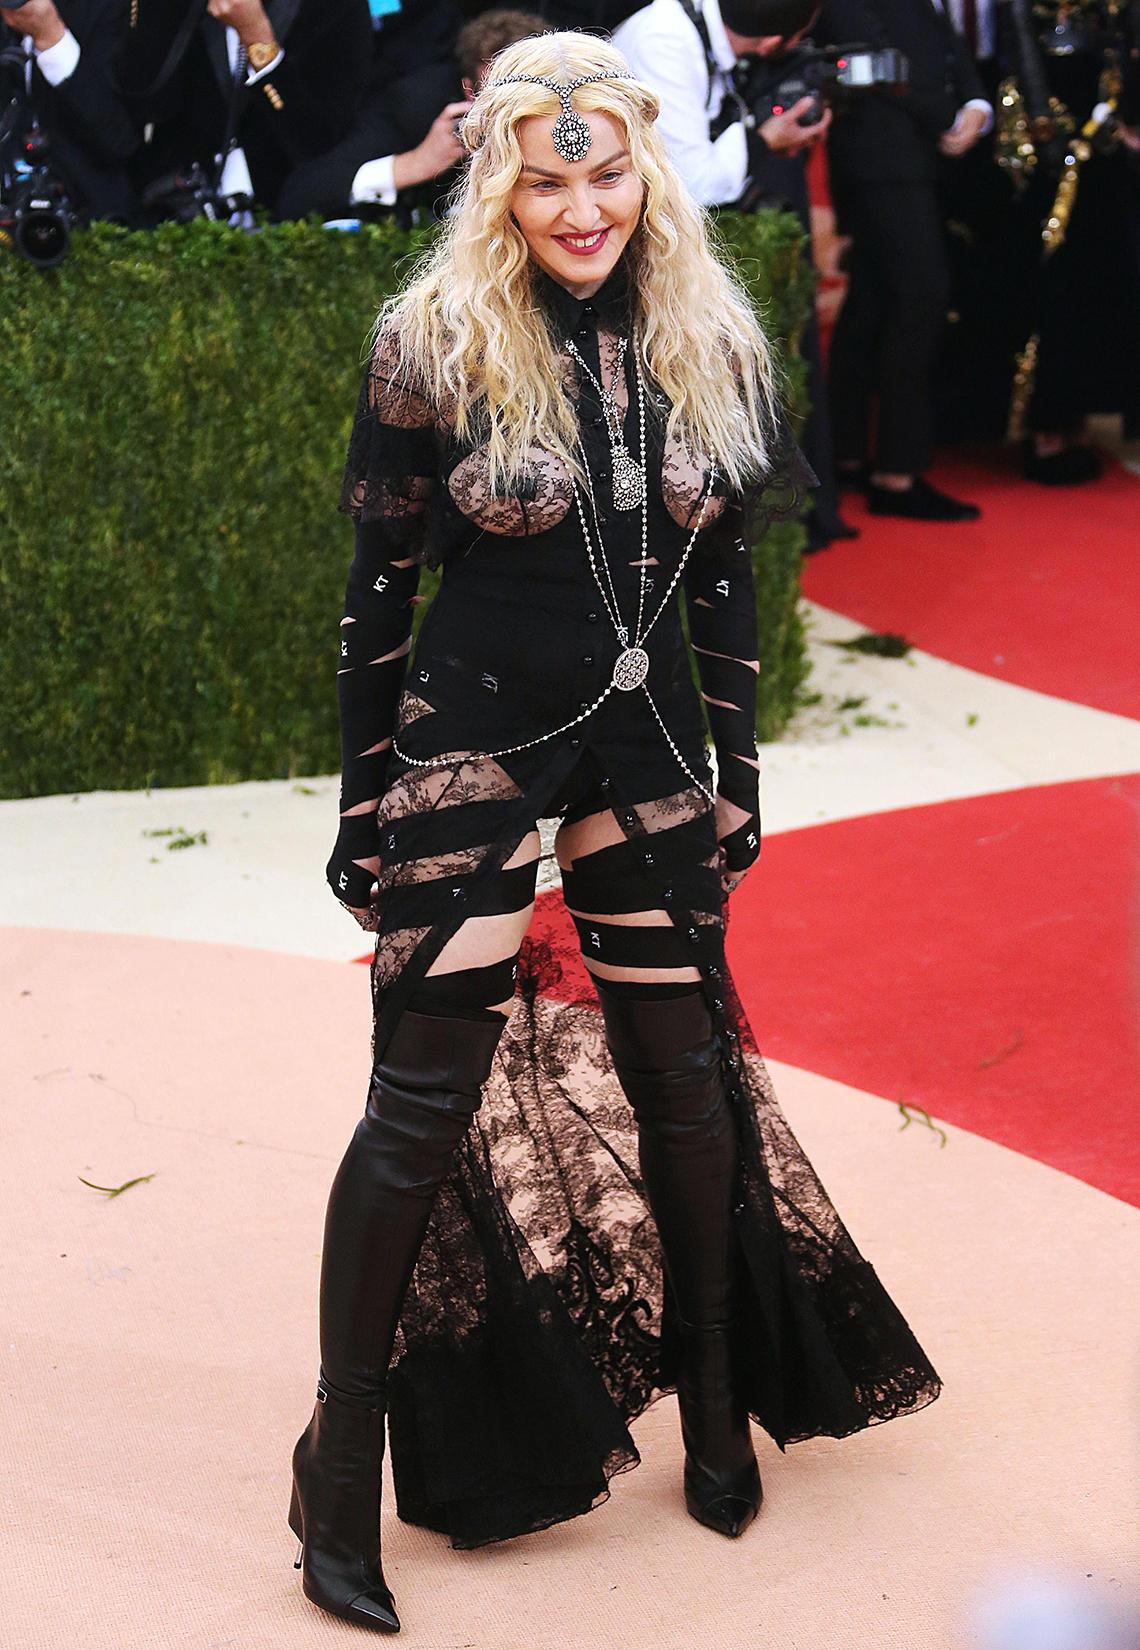 Machen wir es kurz: Madonna und ihr Look von Givenchy sind absolute Weggucker und gehören nicht auf einen roten Teppich.